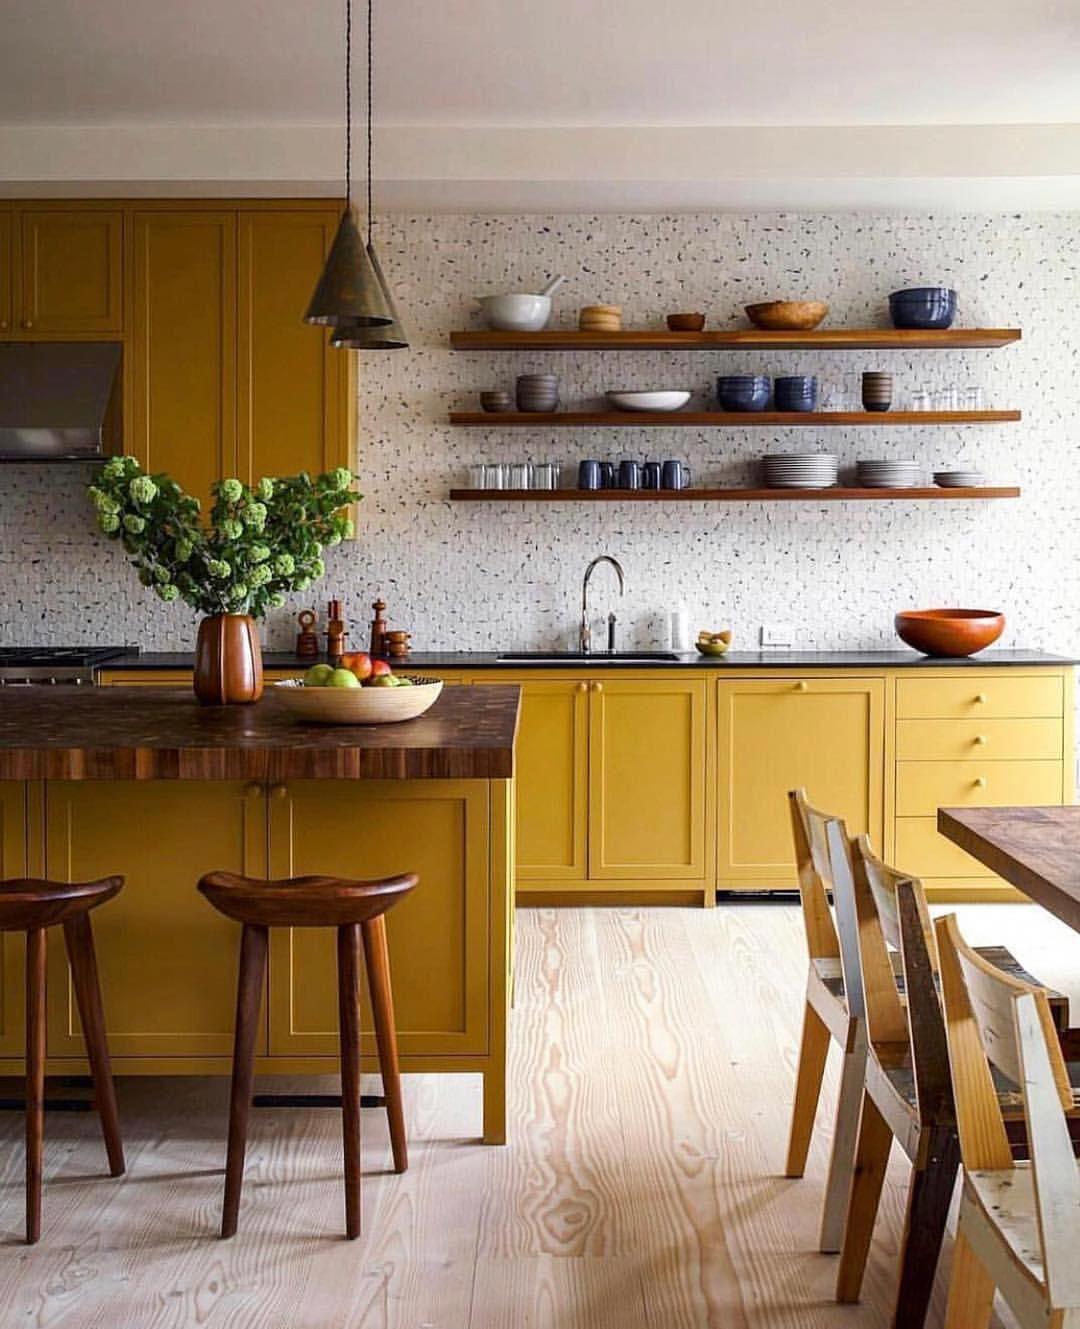 Cocinasclasicas Cocinas De Casa Muebles De Cocina Decoracion De Cocina